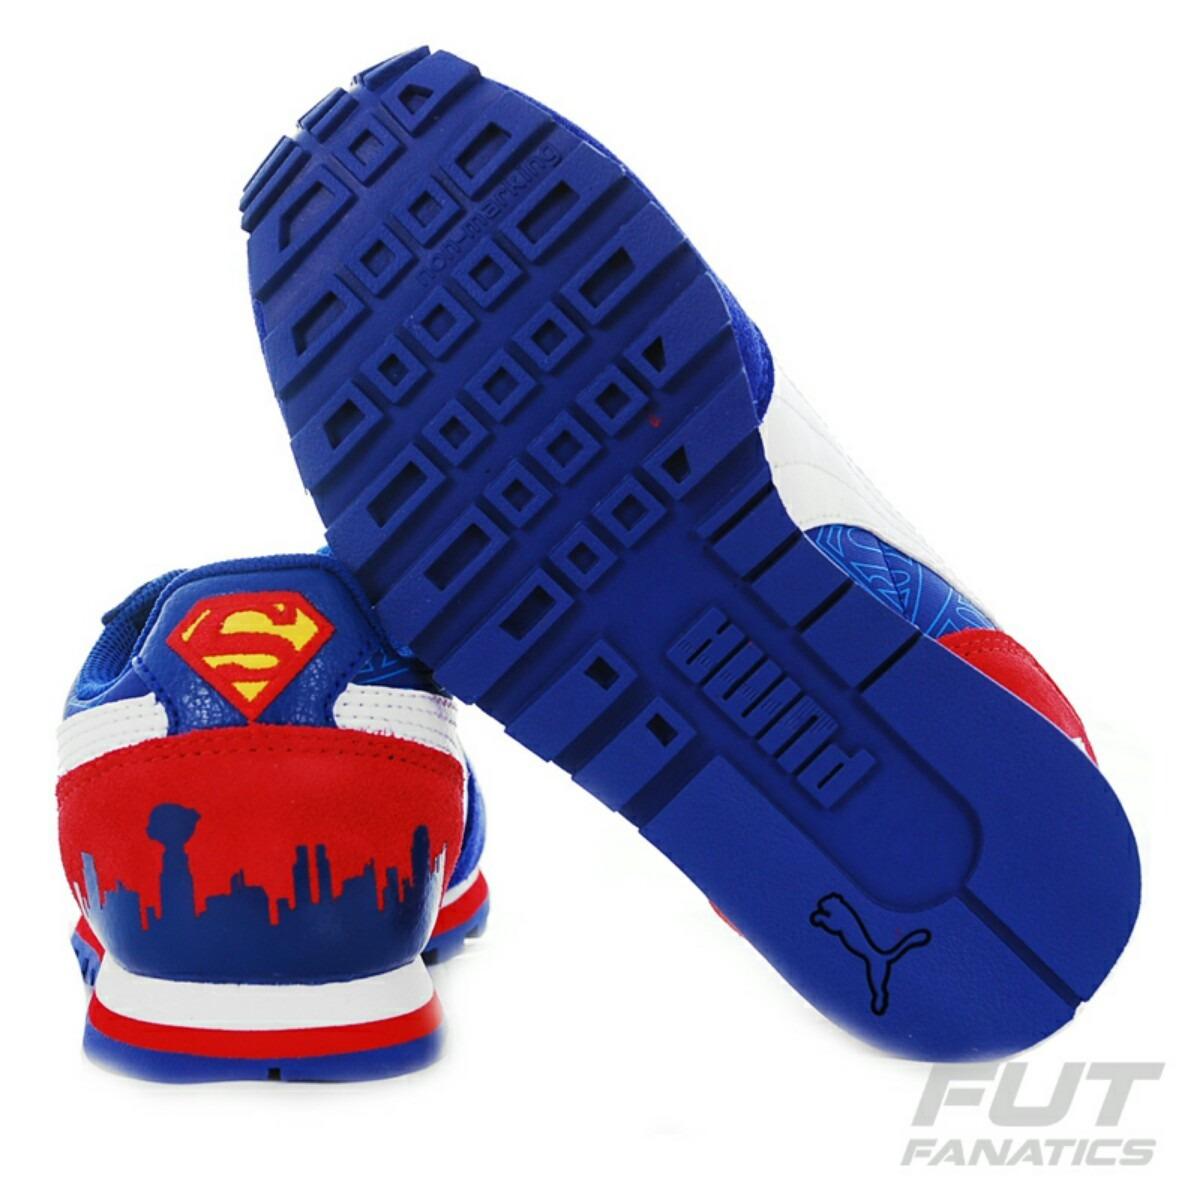 Puma lanza las nuevas zapatillas Superman para niños